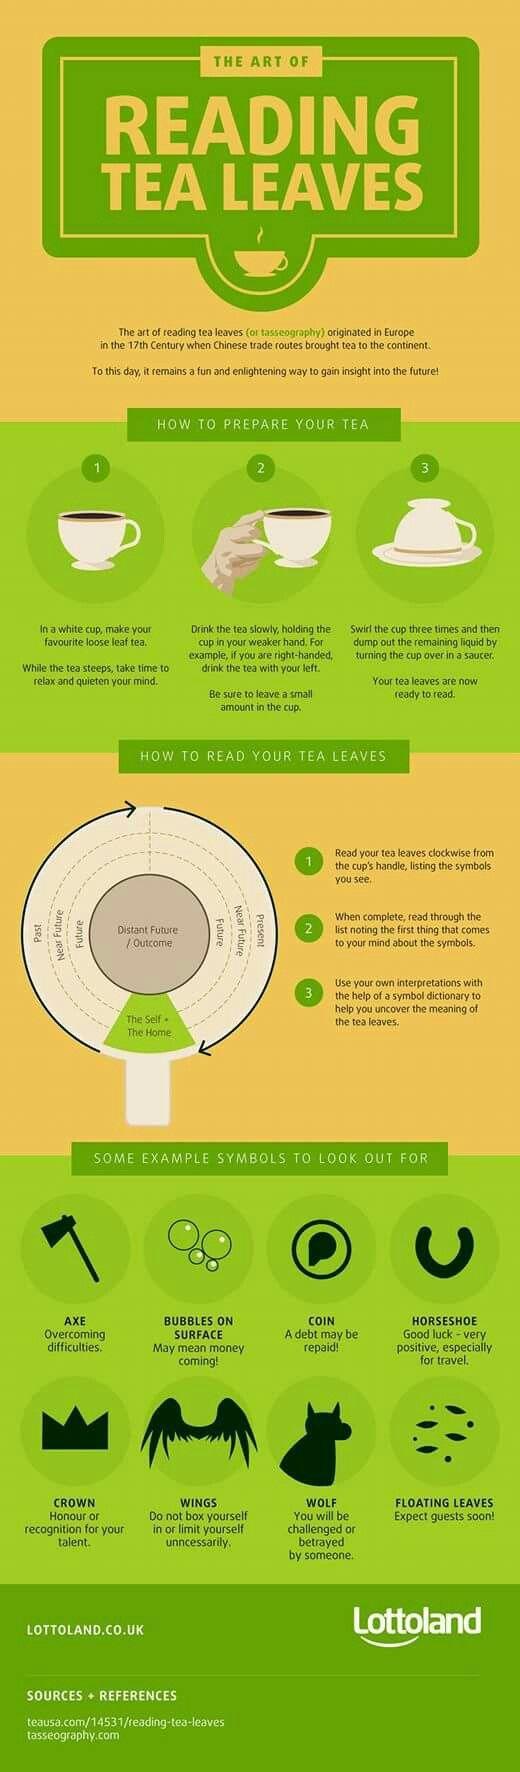 Leggere le foglie di tè